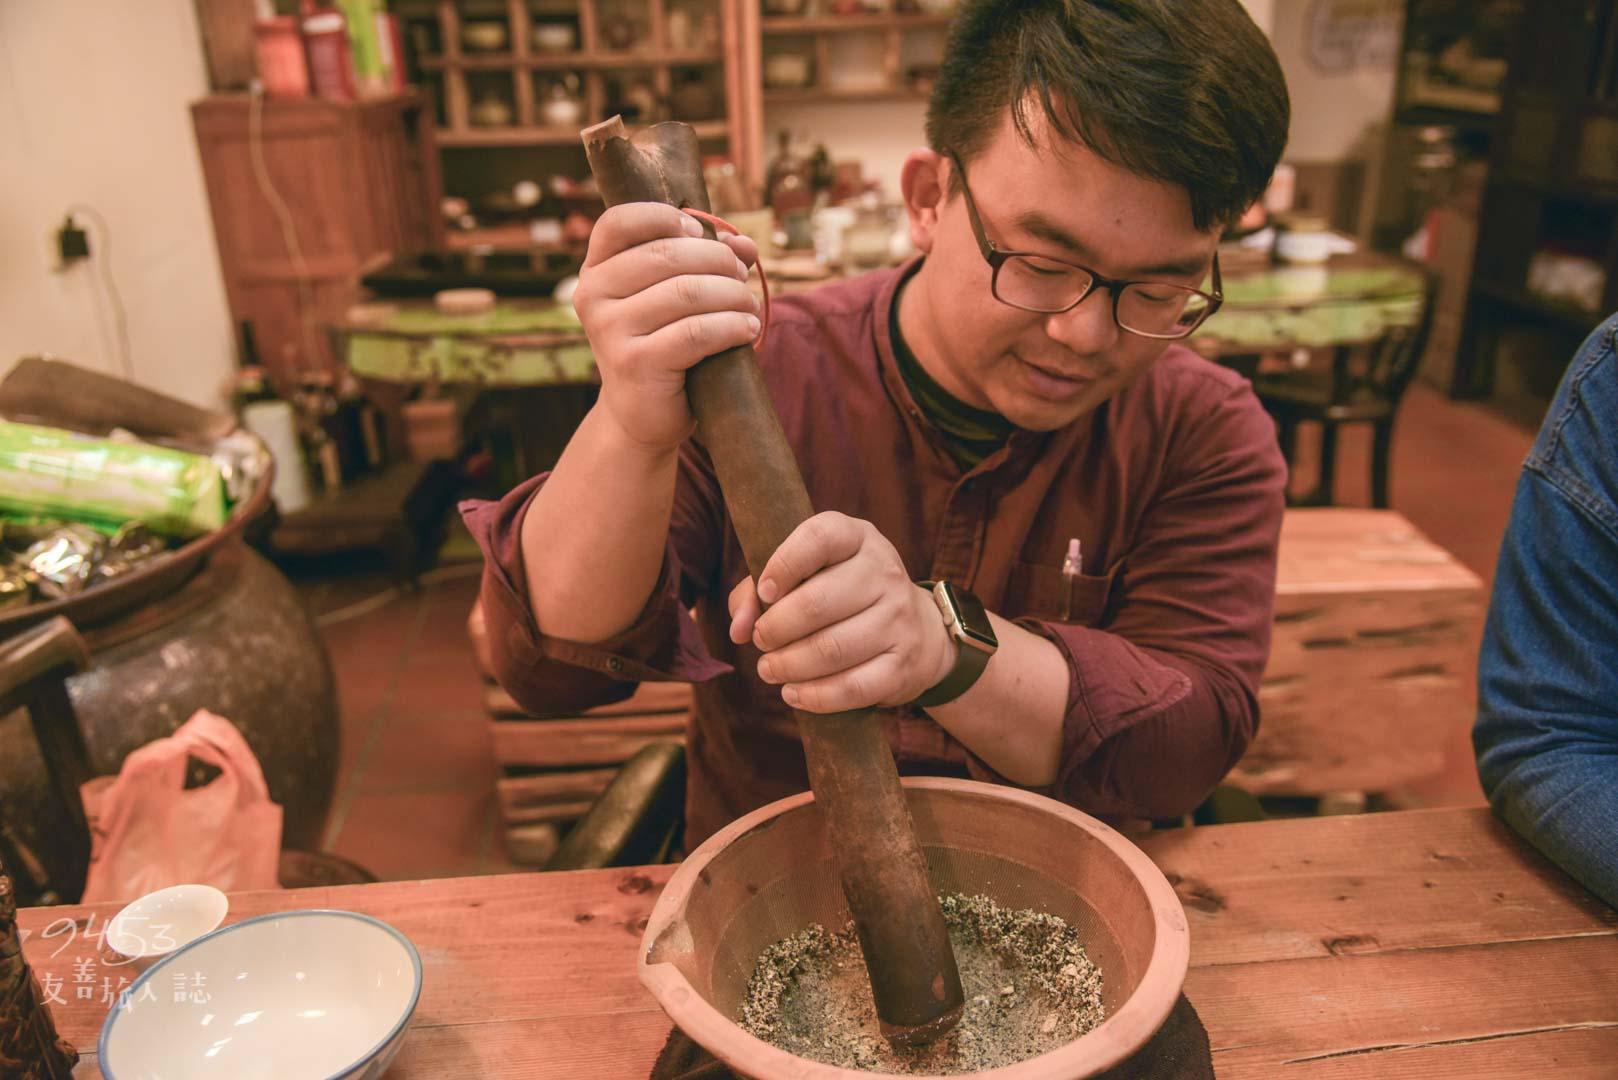 耐心將缽內的穀物與茶葉磨碎